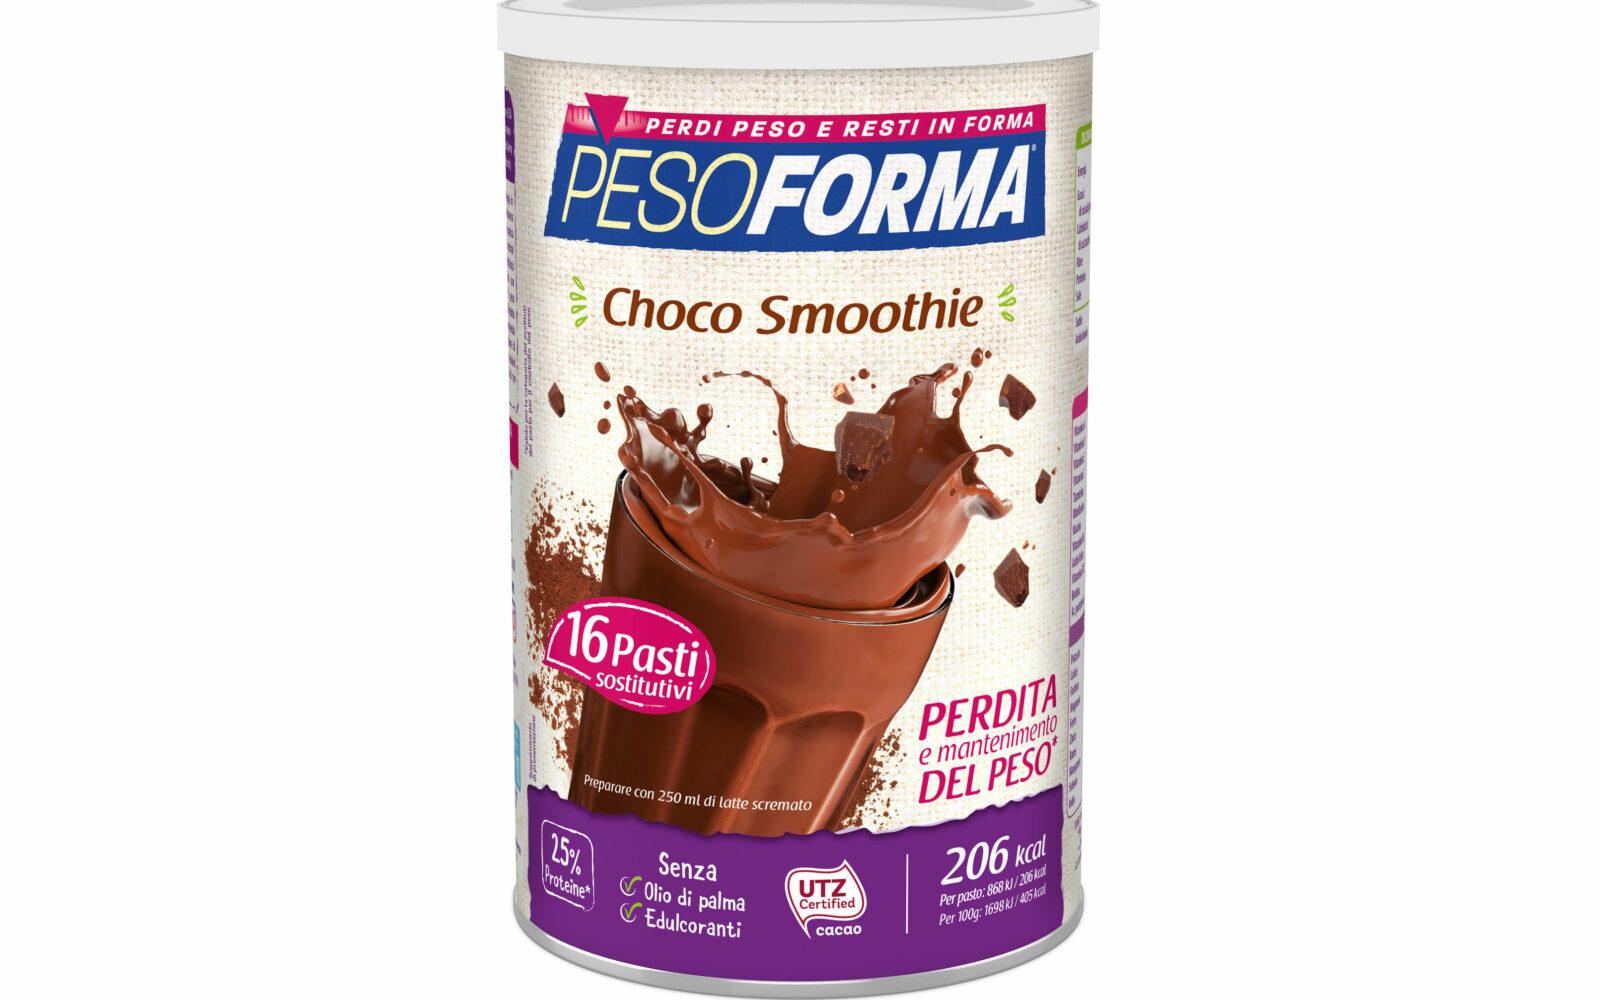 #5-Pesoforma-Choco-Smoothie